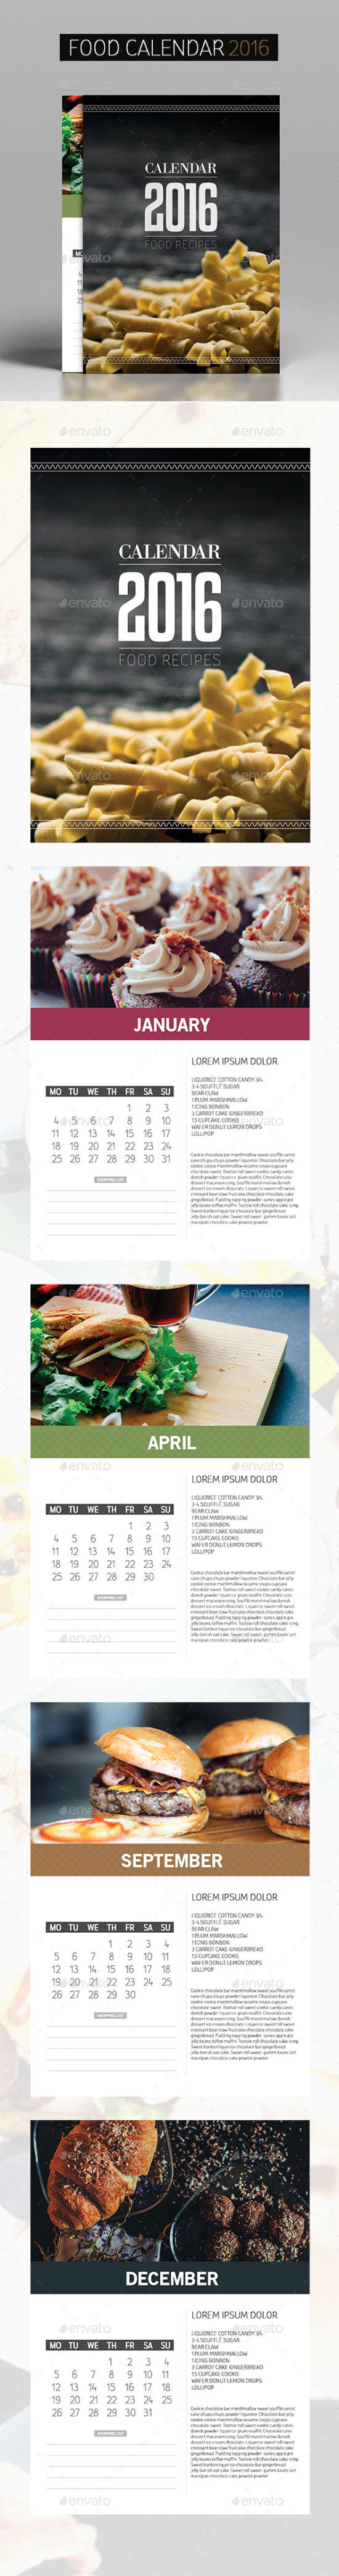 food-recipe-calendar-2016-